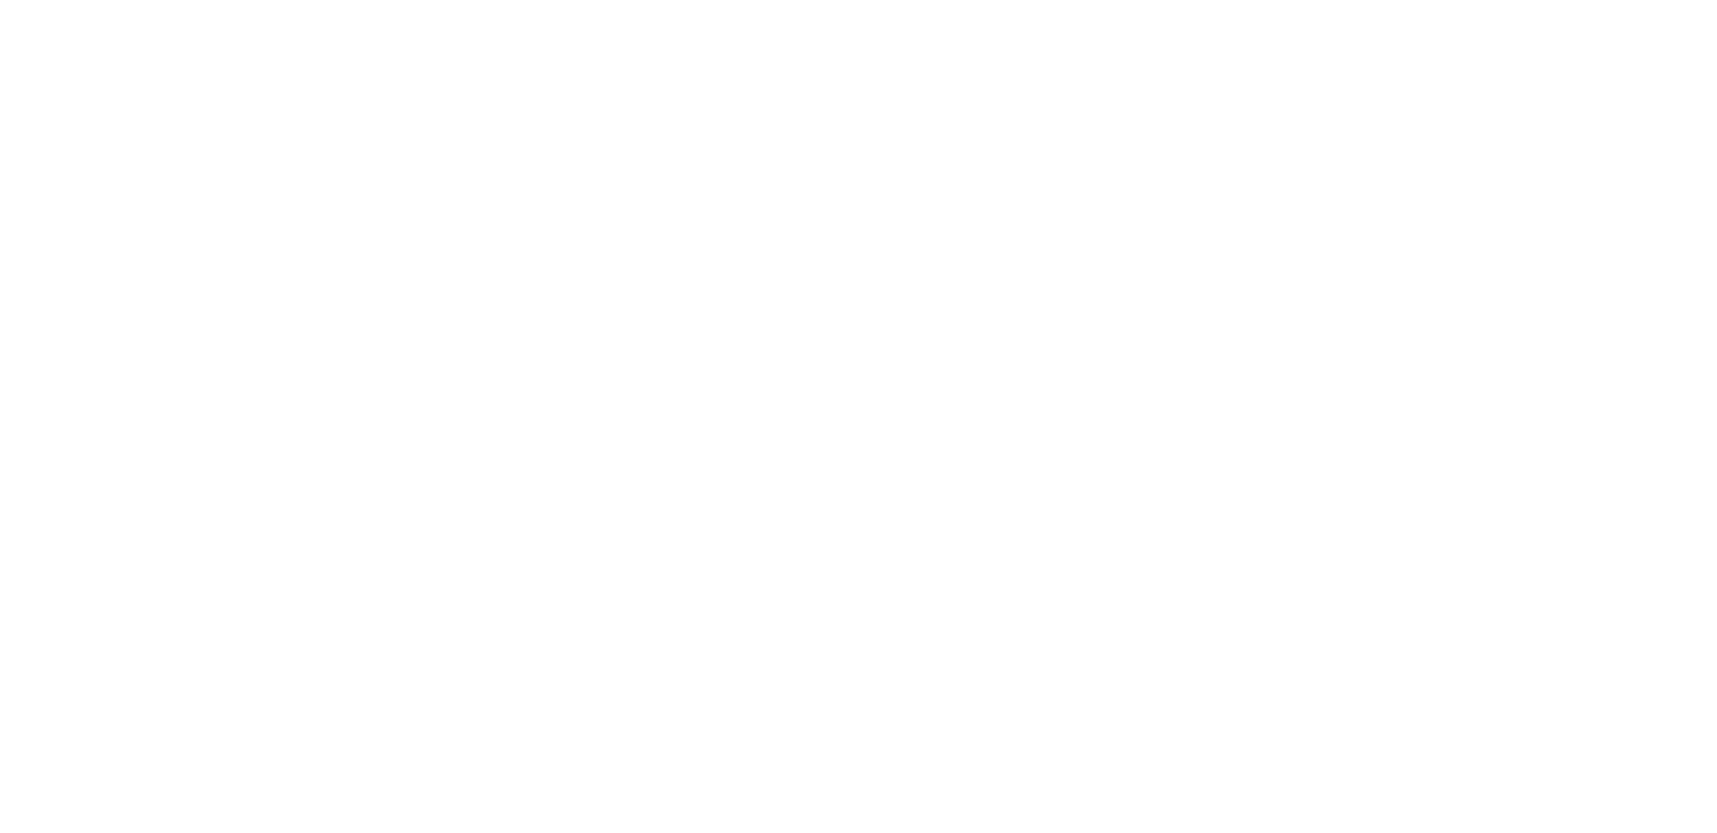 財團法人台北愛樂文教基金會 Taipei Philharmonic Foundation